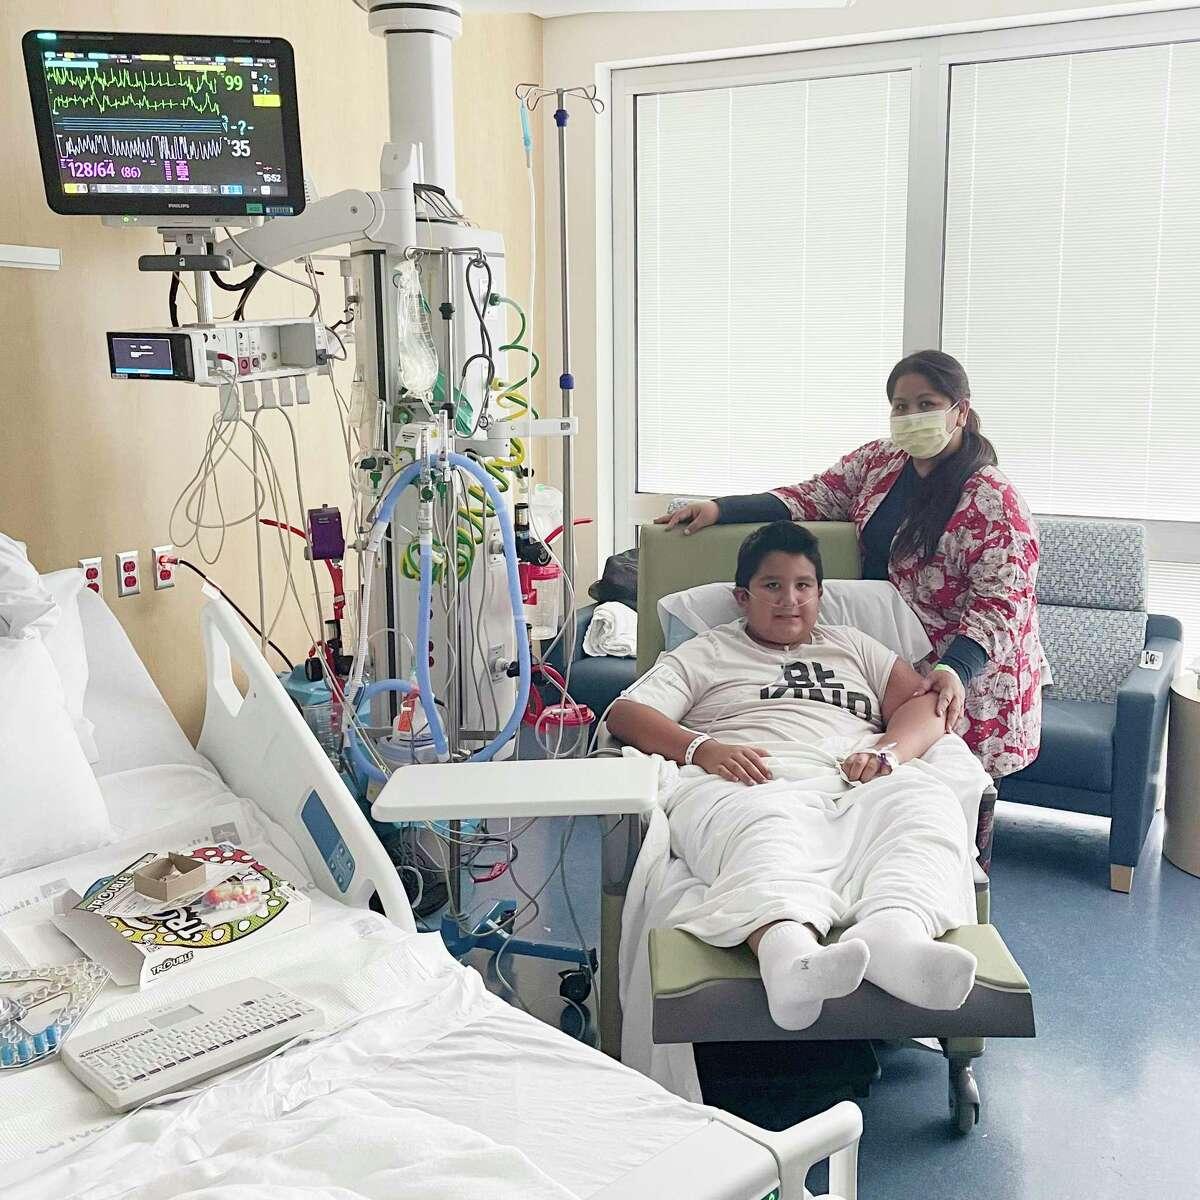 Francisco Rosales, de 9 años, y su madre, Yessica González, en la unidad de cuidados intensivos en Children's Medical Center in Dallas, Texas.